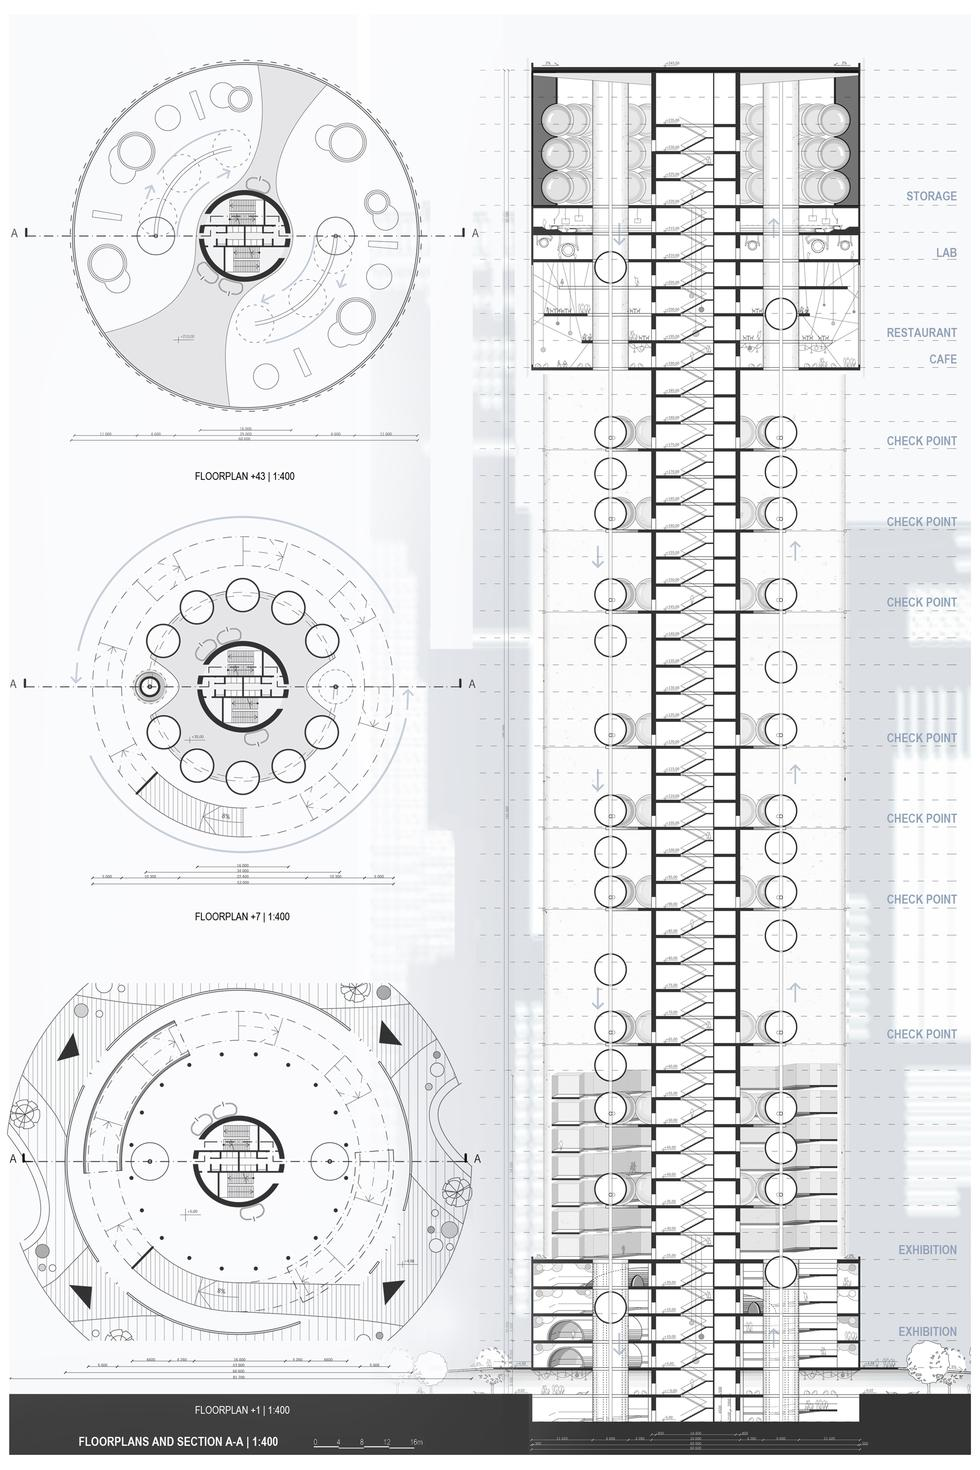 Koncepcja wieżowca Muscatein studentek Wydziału Architektury Politechniki Śląskiej